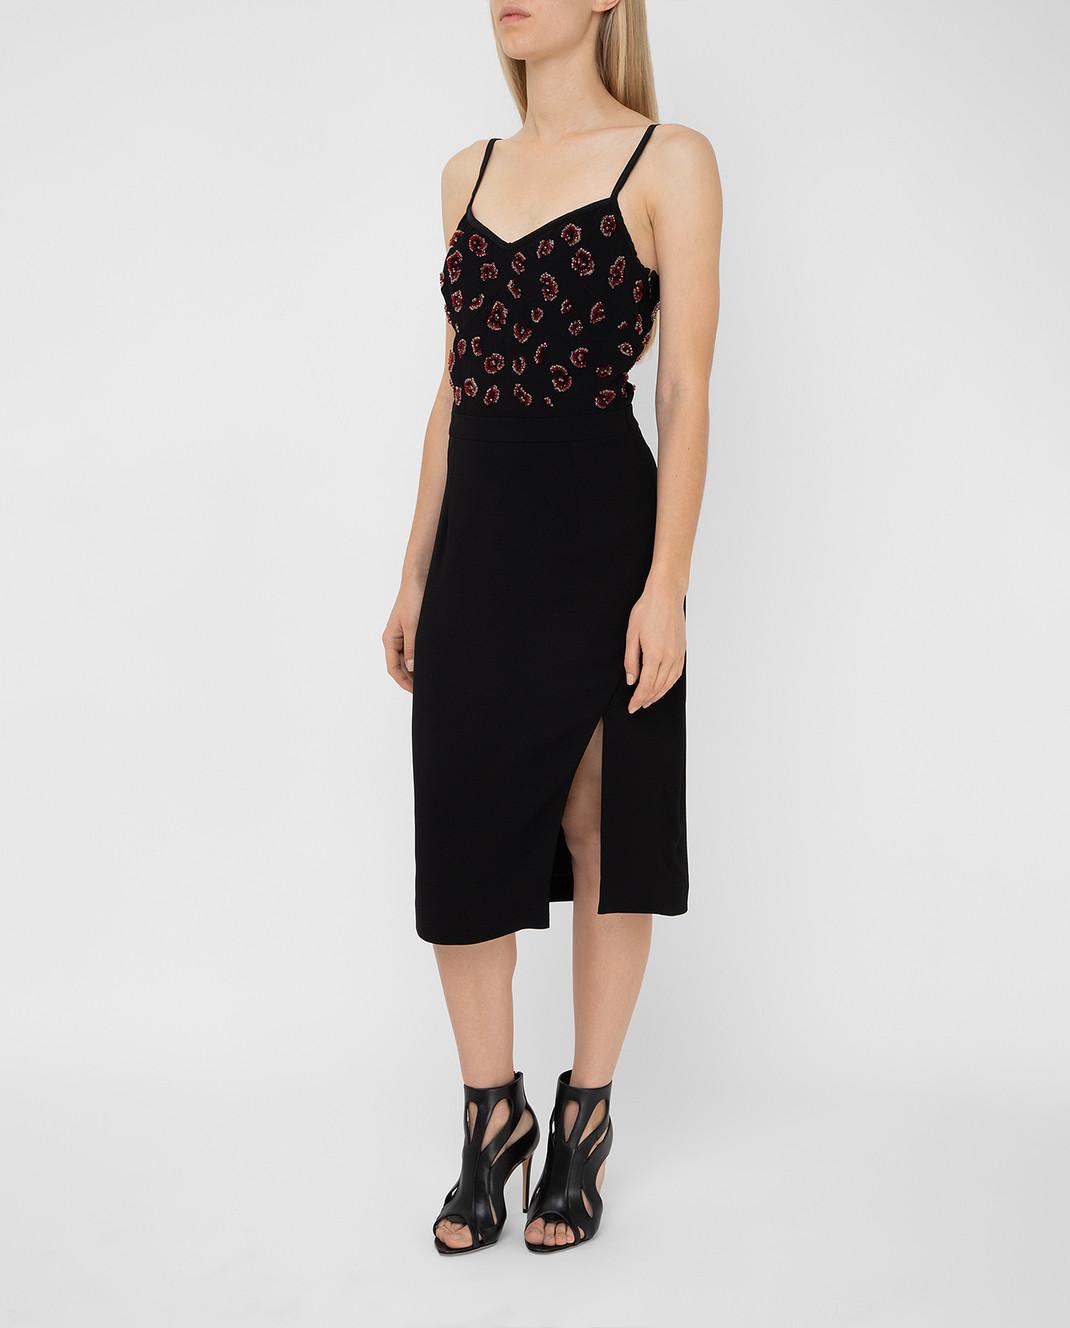 Altuzarra Черное платье изображение 3